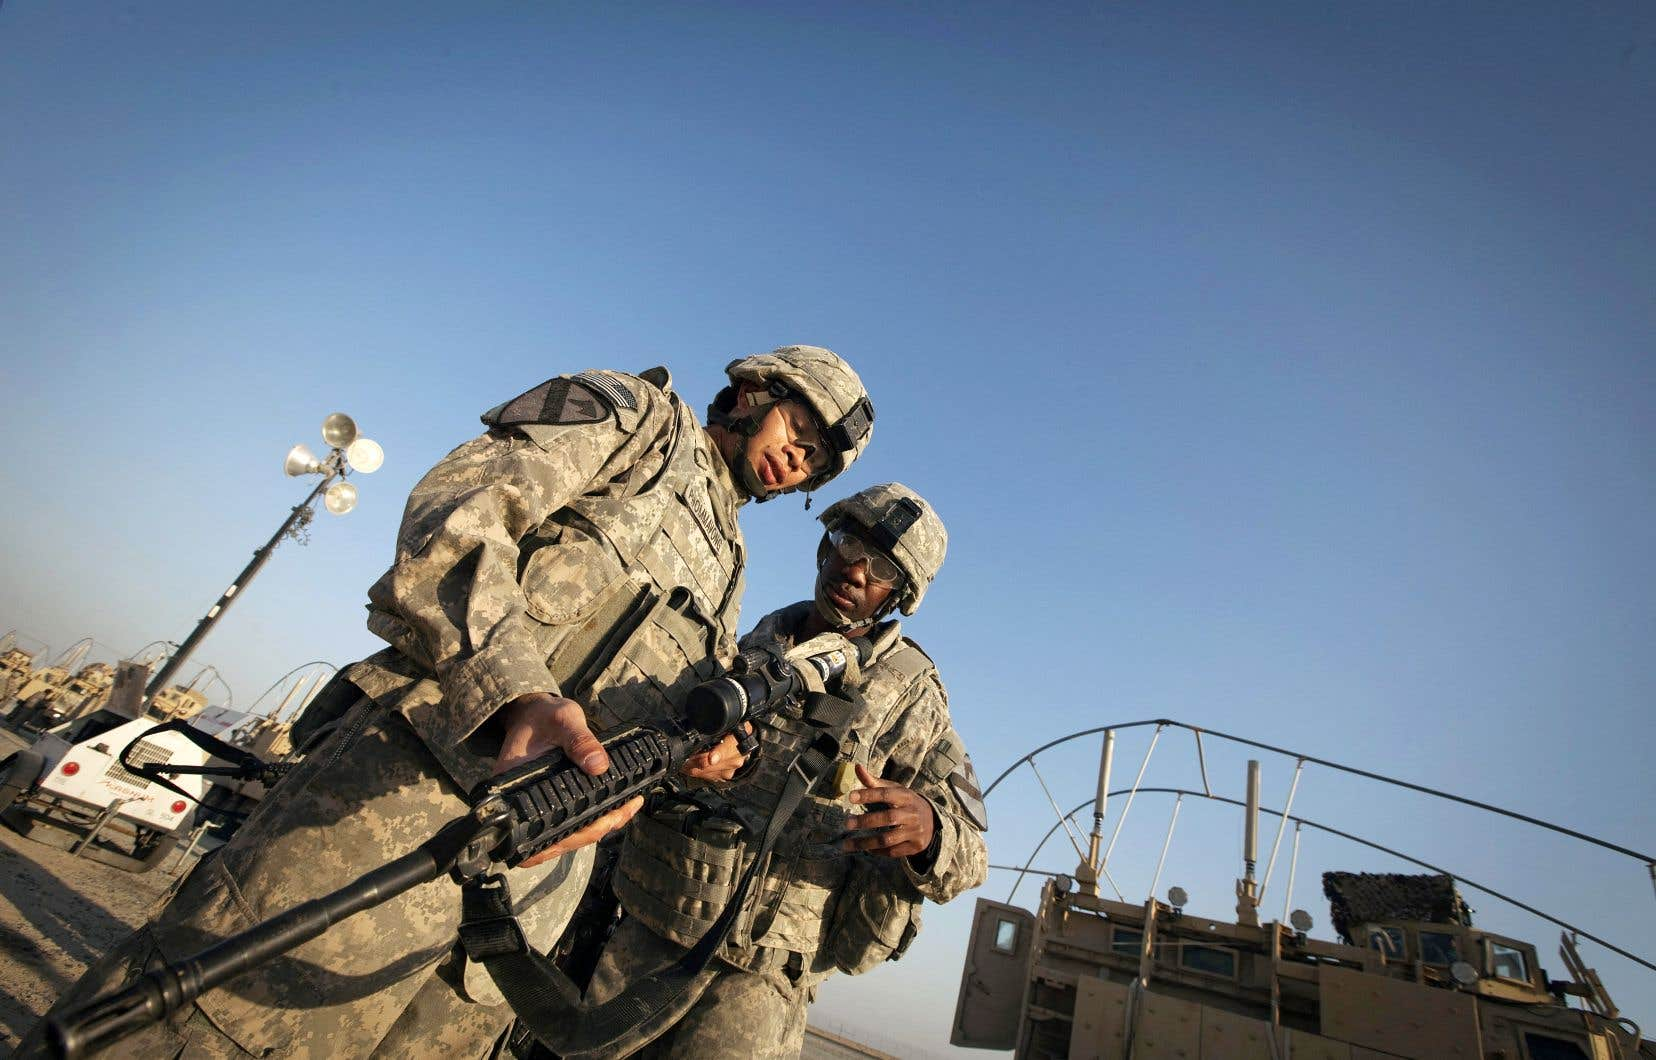 Des soldats américains déchargent leurs armes après avoir traversé la frontière koweïtienne dans le cadre du dernier convoi militaire américain à quitter l'Irak le 18 décembre 2011.